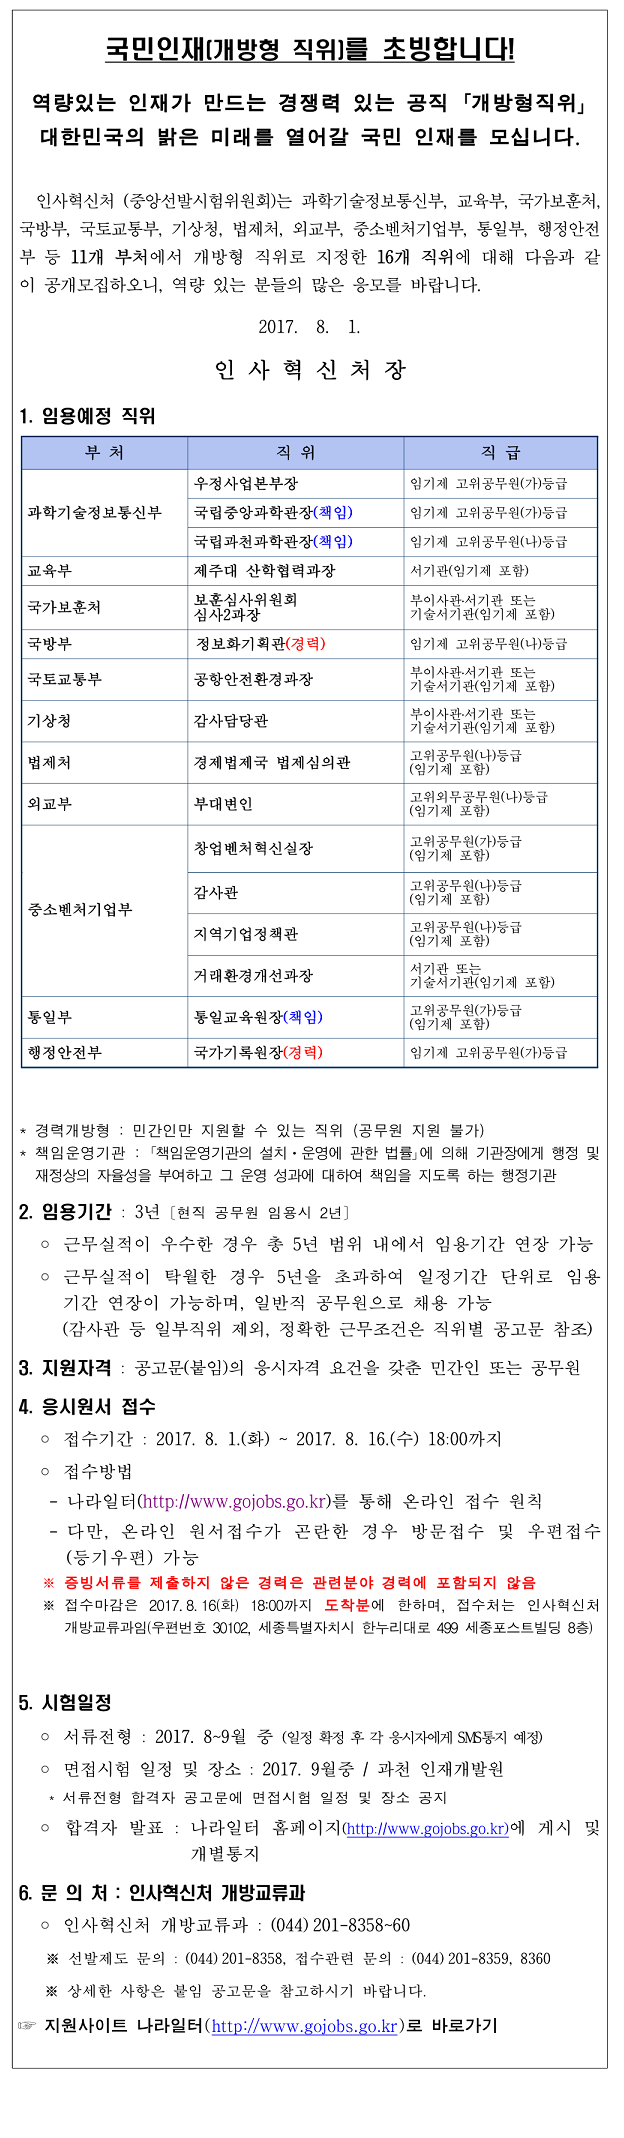 수정본-1.png